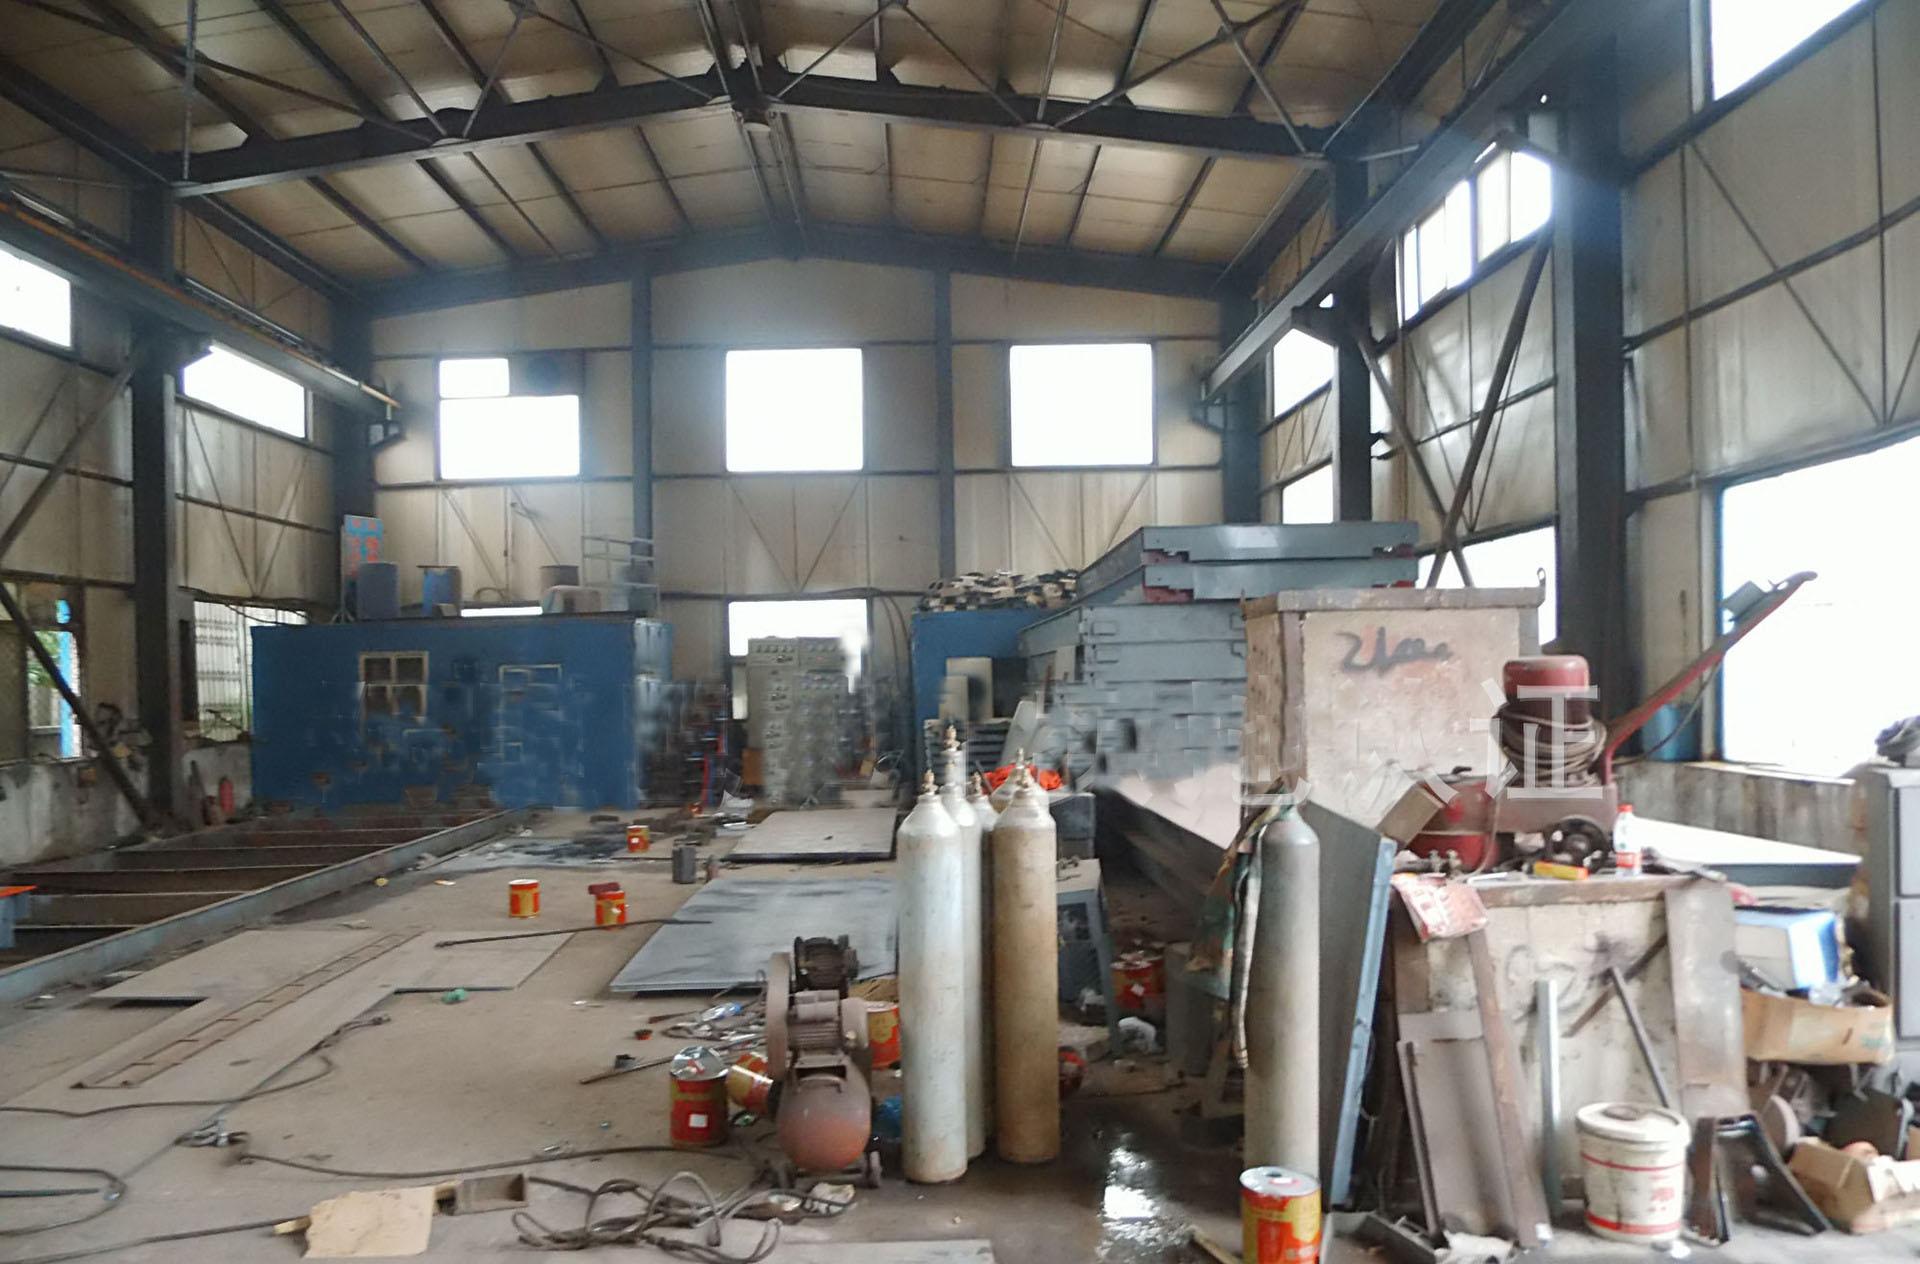 Panjin Tengsheng Industry & Trade Co. Ltd